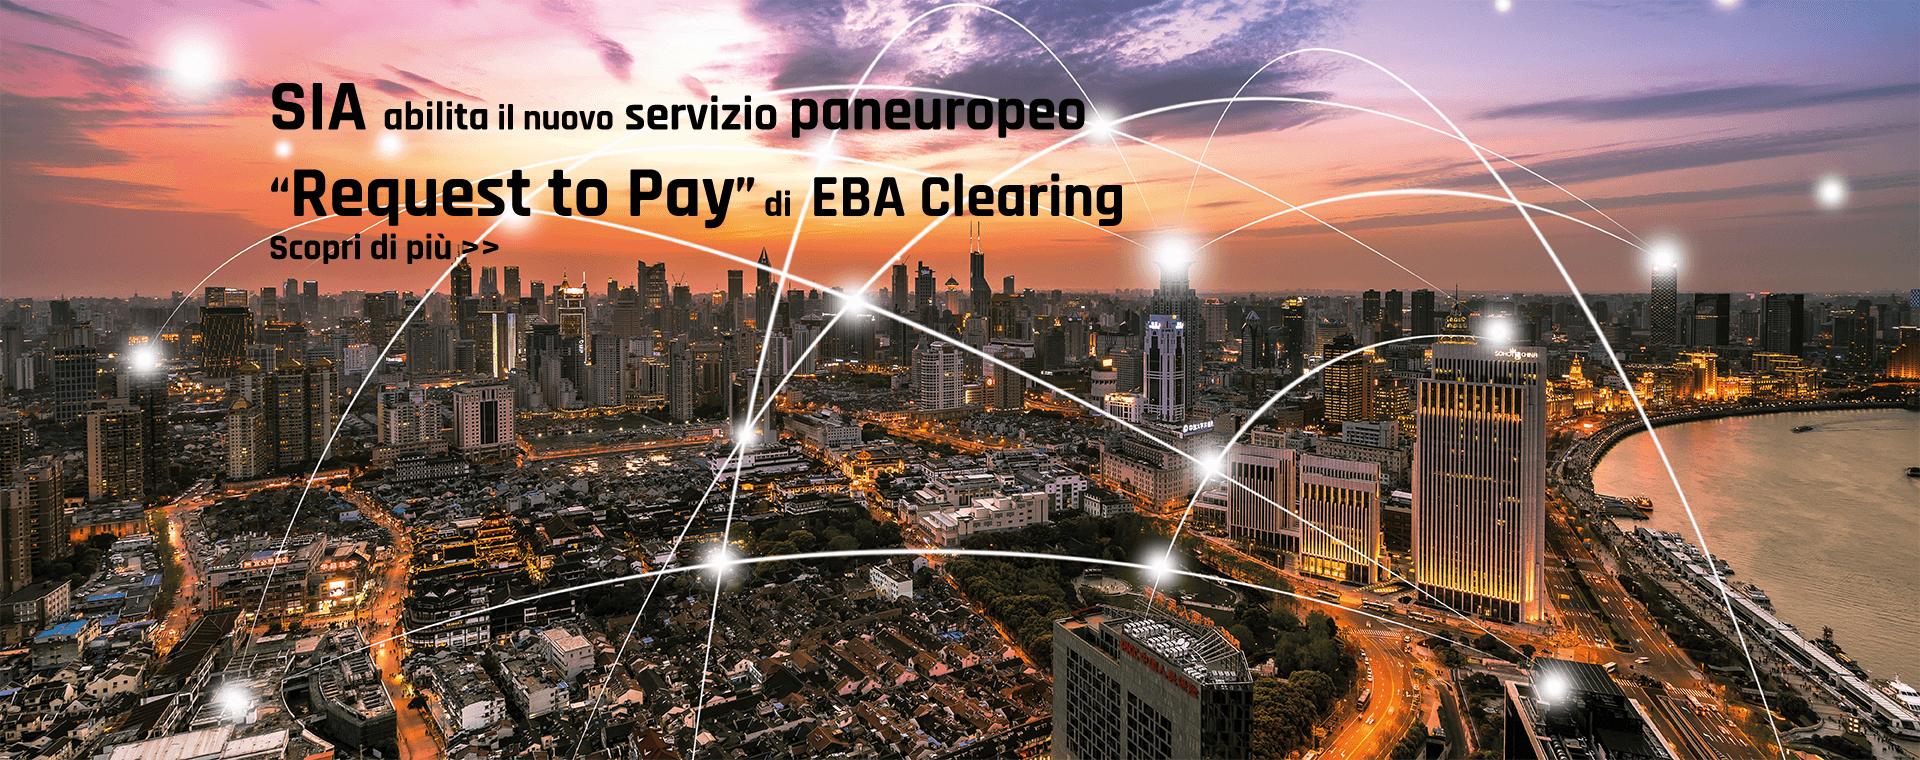 """SIA abilita il nuovo servizio paneuropeo """"Request to Pay"""" di EBA Clearing"""